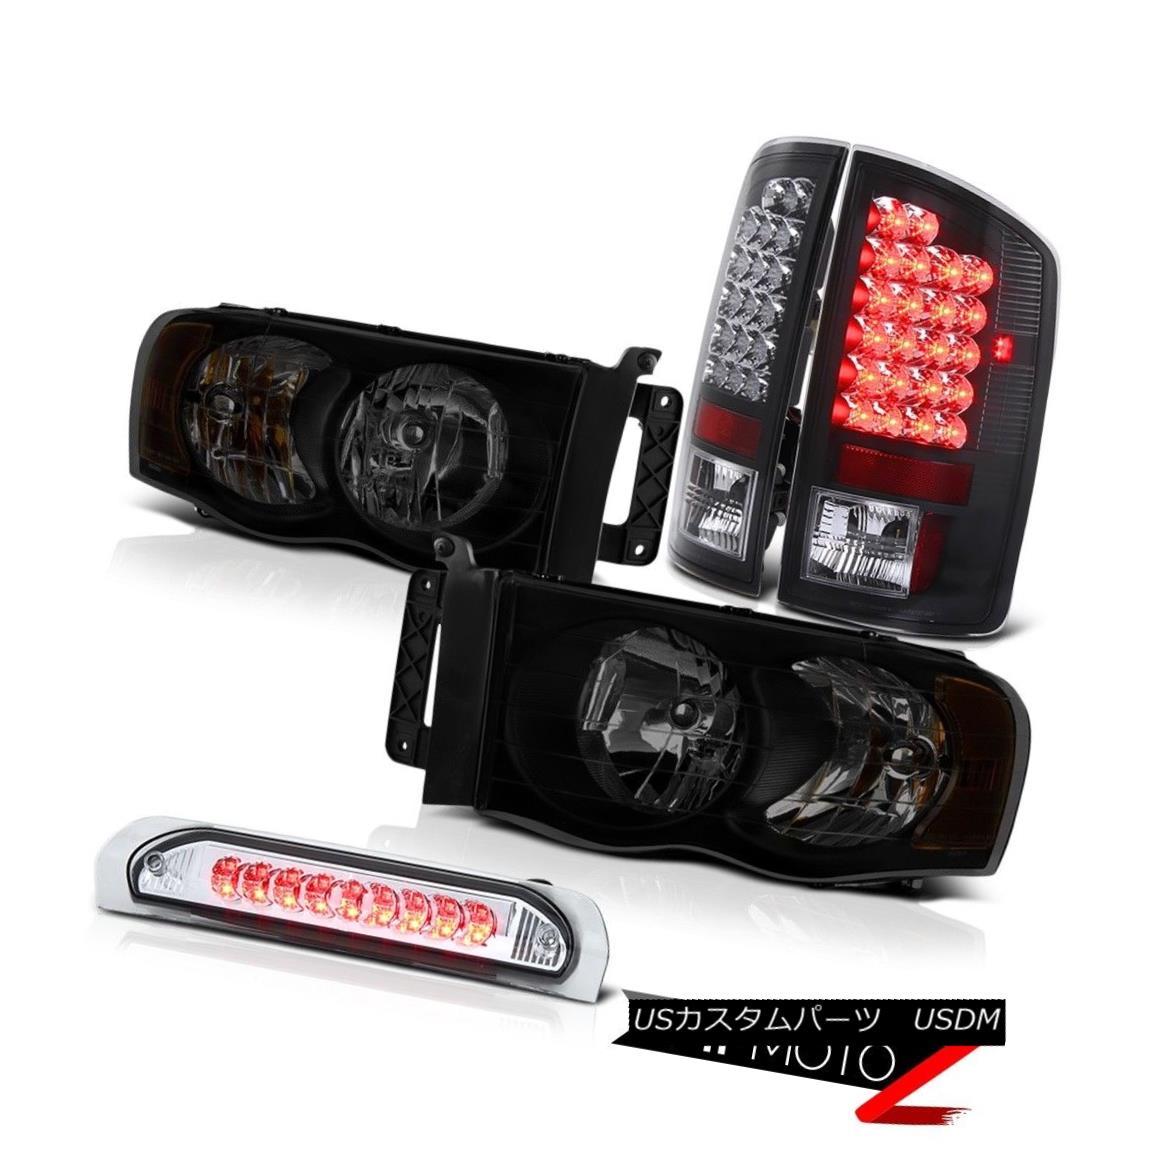 テールライト 02-05 Dodge Ram 1500 2500 4.7L Dark Tinted Headlamps 3RD Brake Lamp Rear Lamps 02-05 Dodge Ram 1500 2500 4.7Lダークティンテッドヘッドランプ3RDブレーキランプリアランプ